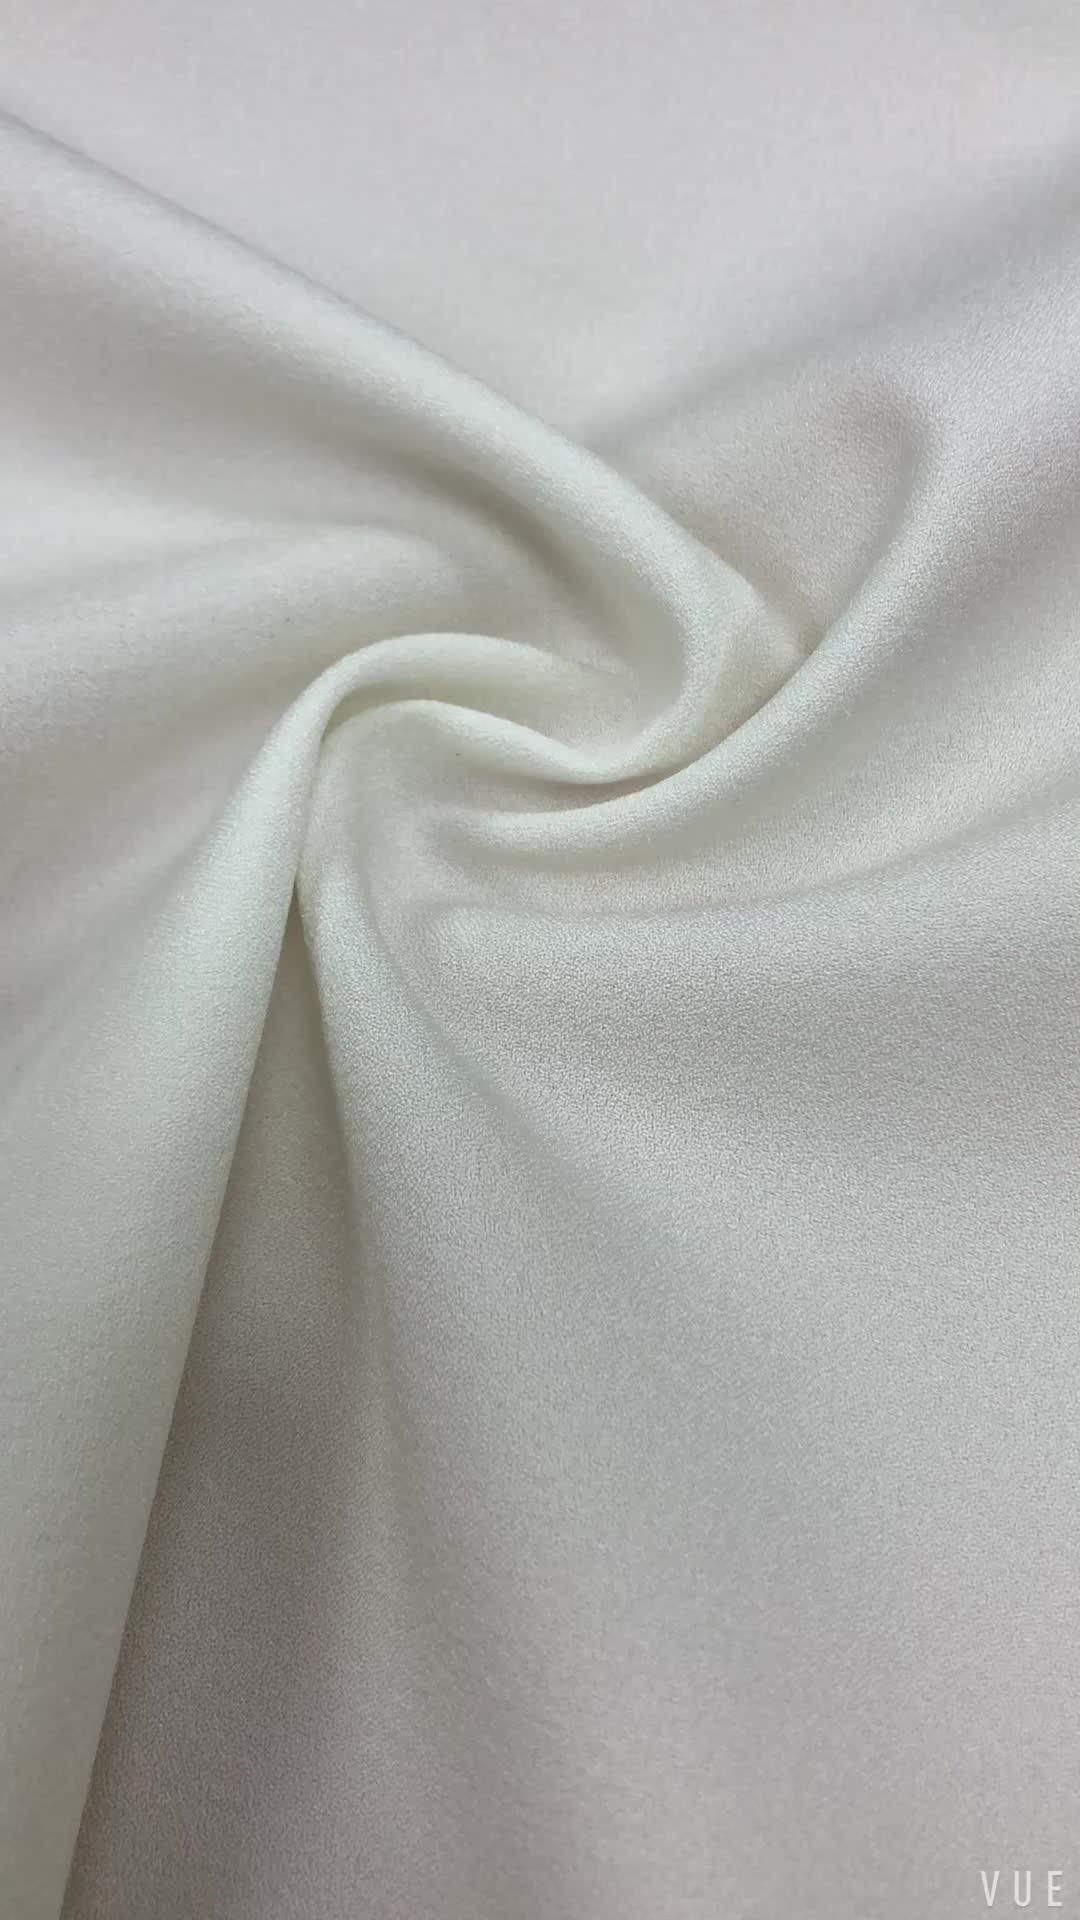 LCL186 Wholesale Taiwan Pure Muslin Abaya Polyester Moss Crepe Fabric